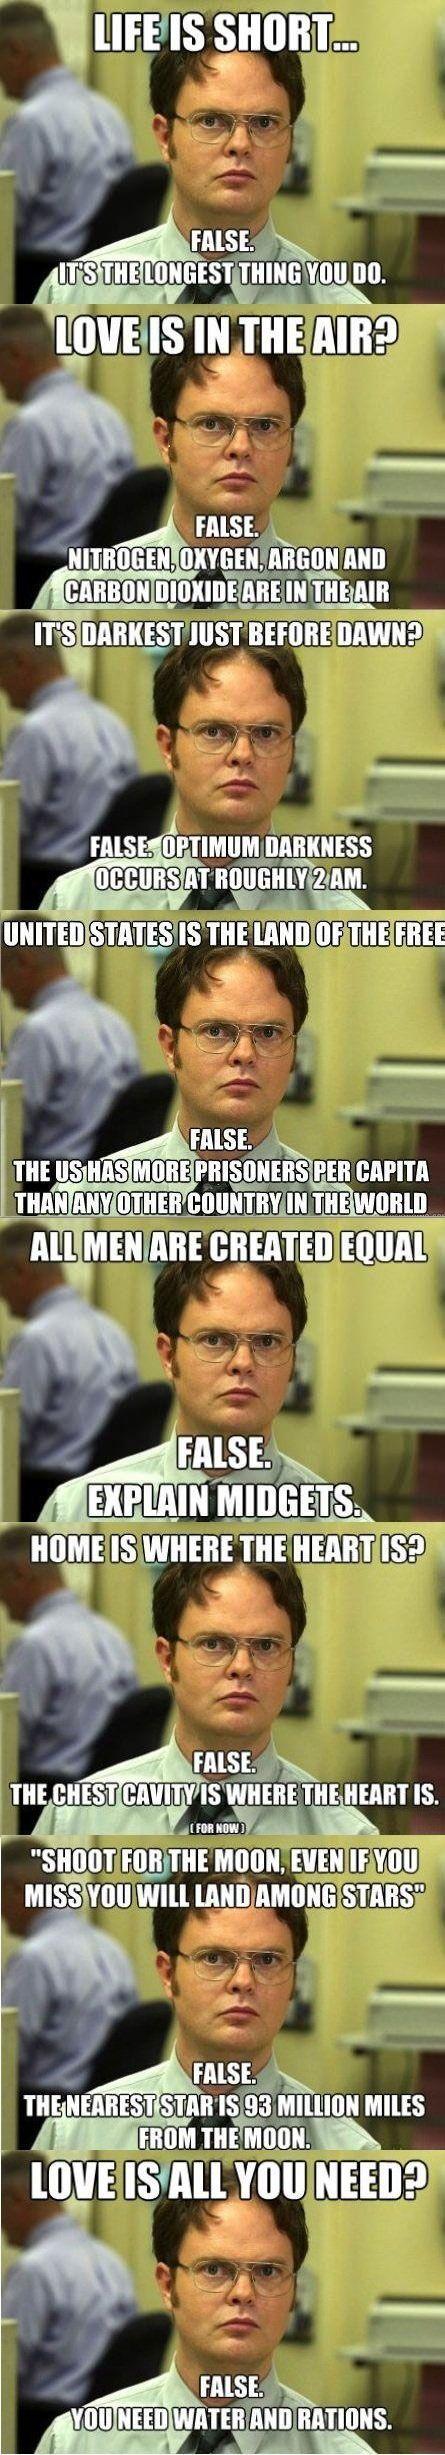 Dwight Schrute's logic